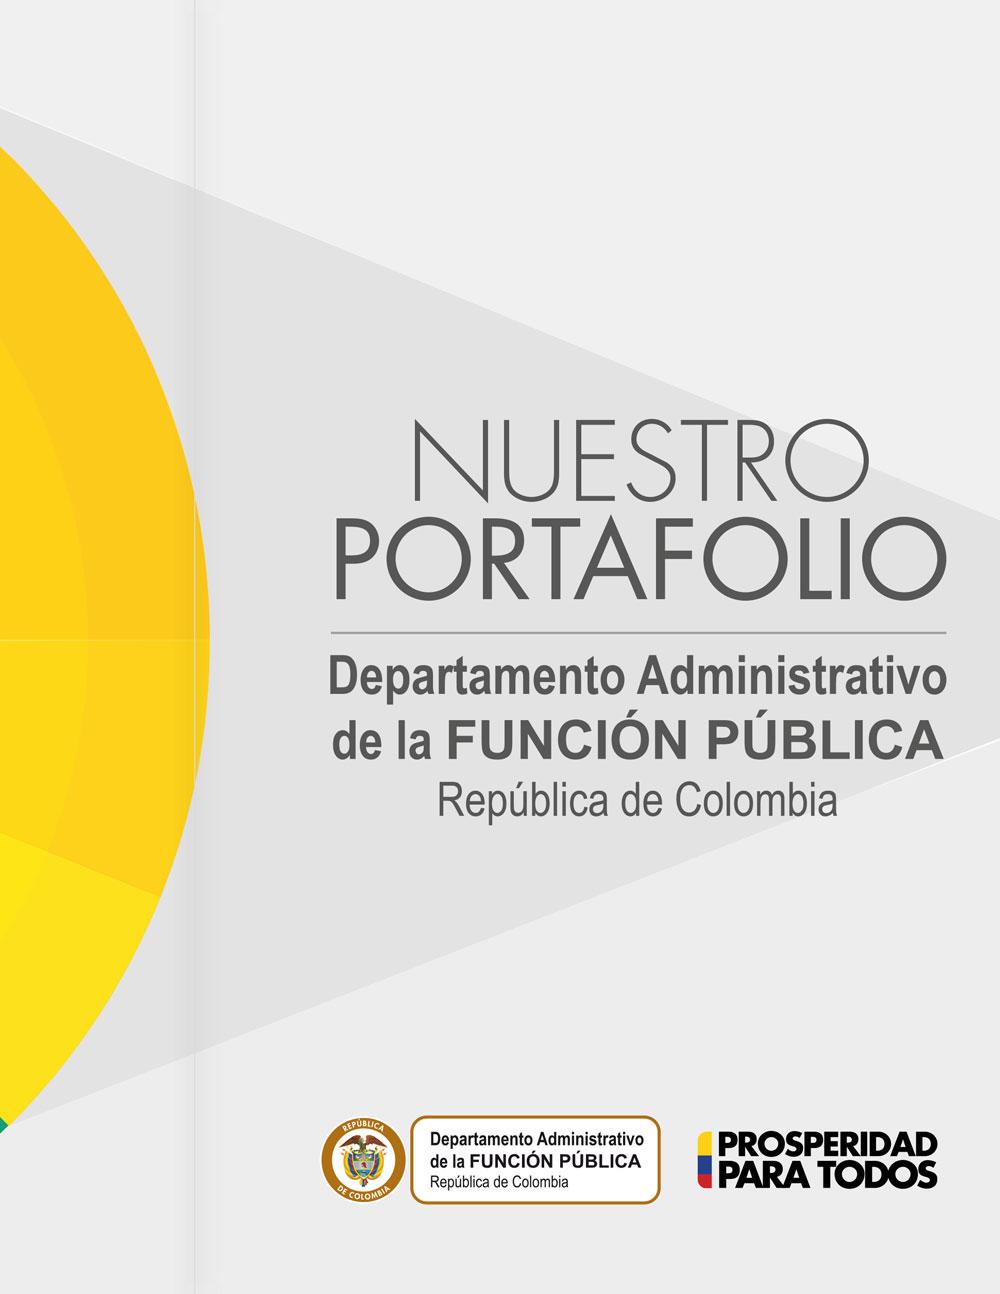 Portafolio de servicios del Departamento Administrativo de la Función Pública